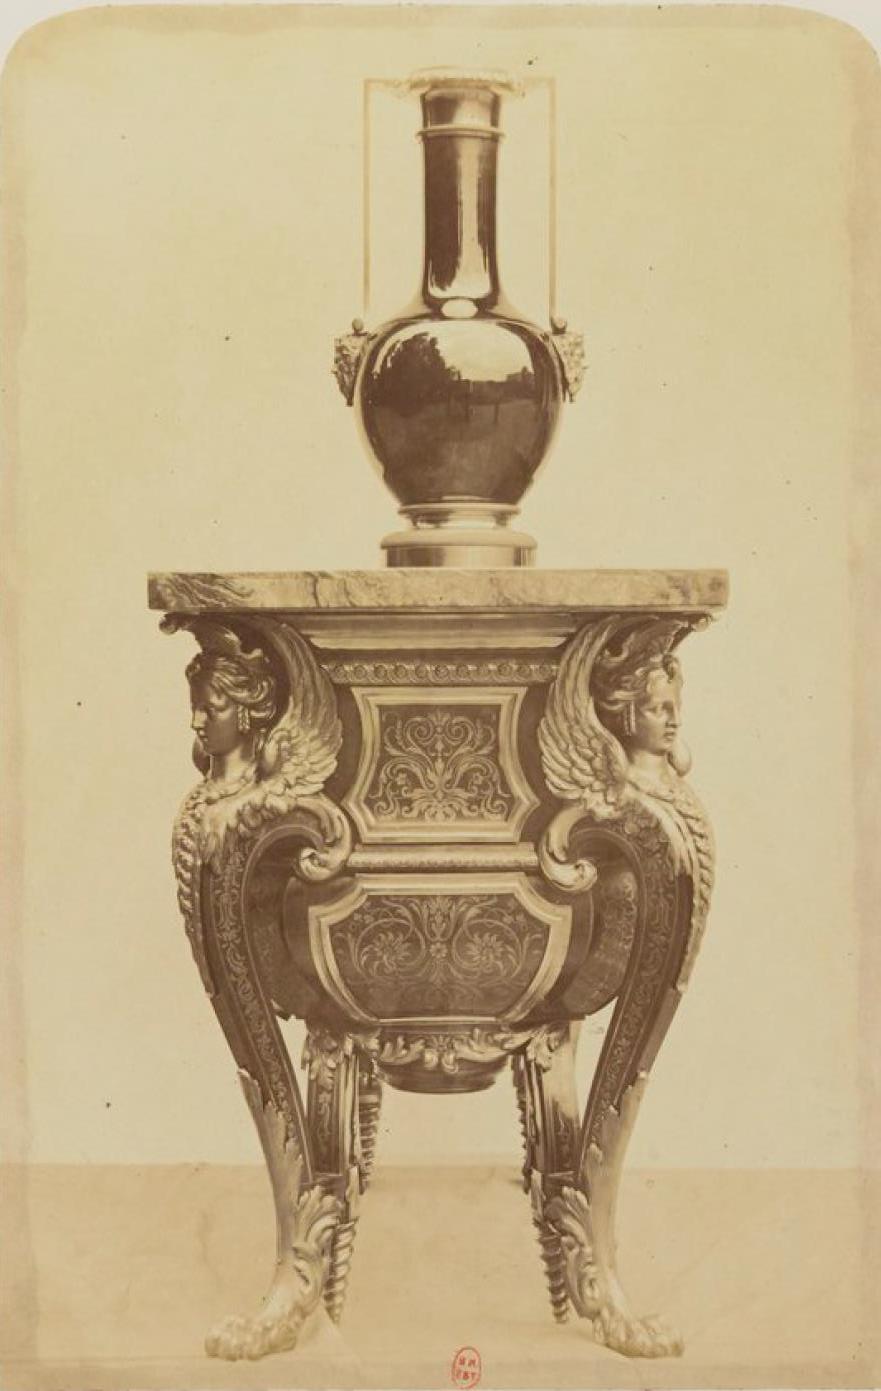 Комод. Вид сзади. Мебель стиля «буль» (ок. 1700)